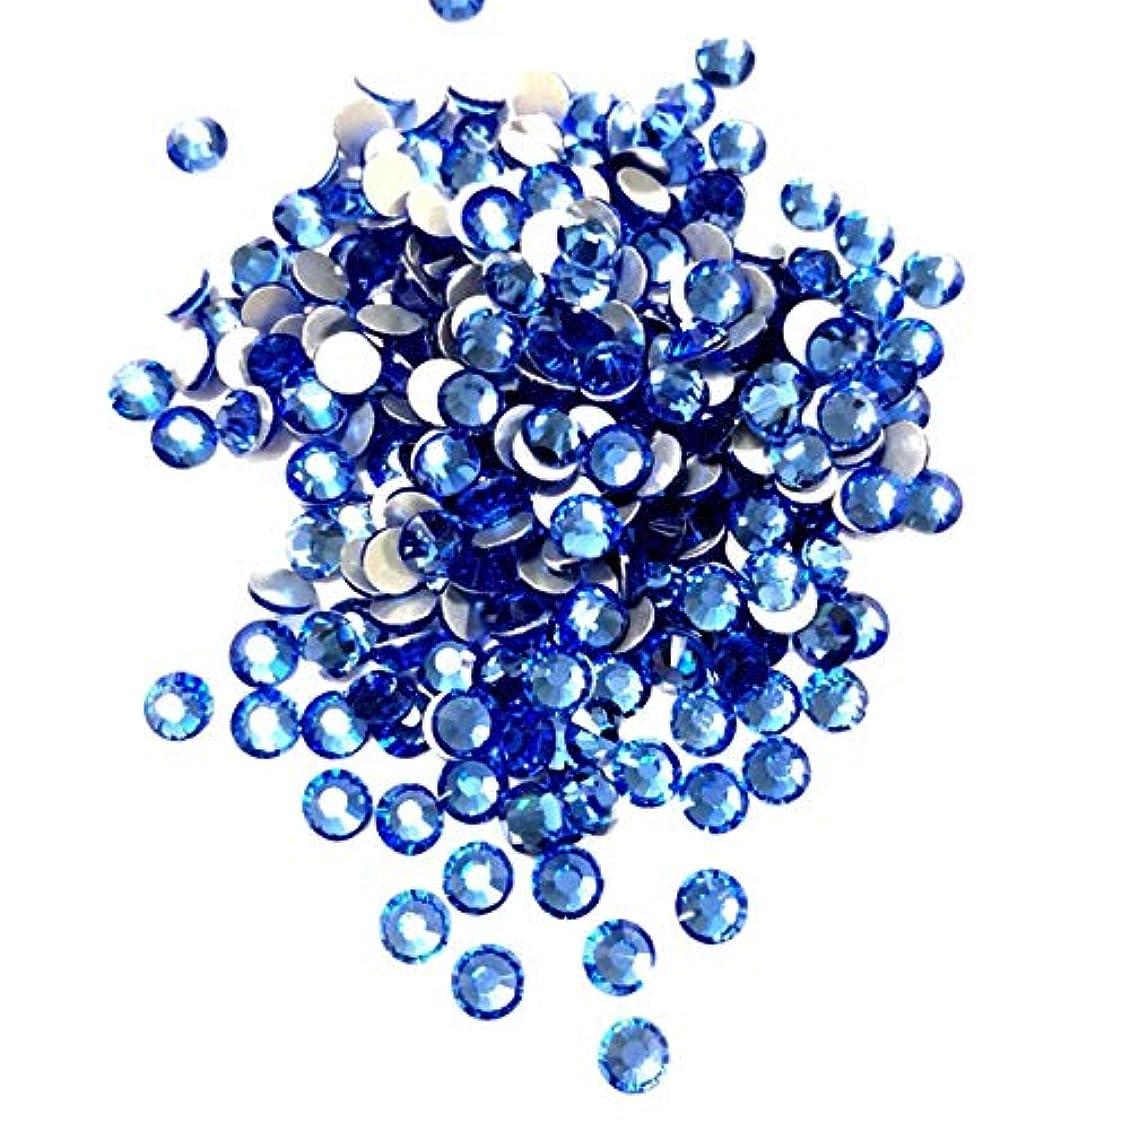 パック保険かなりの【ネイルウーマン】最高品質ガラスストーン!スワロ同等の輝き! ライトサファイア ブルー 水色 (約100粒入り) (ライトサファイア) (SS8, ライトサファイア)